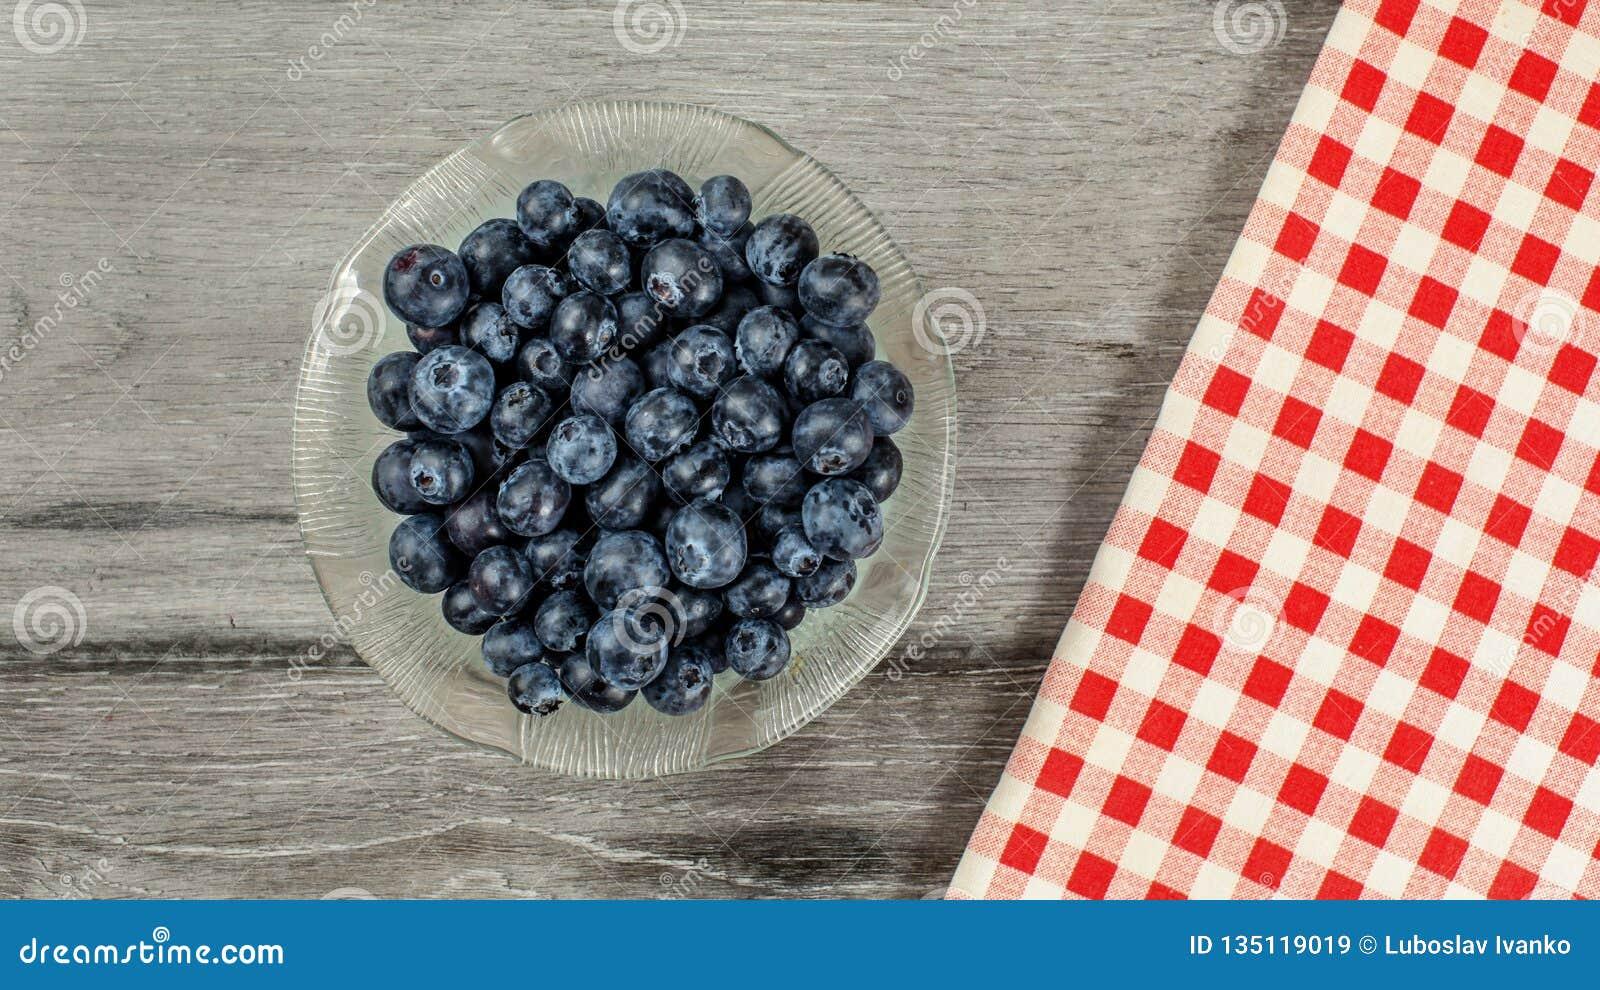 Взгляд столешницы, небольшой стеклянный шар голубик, красная checkered скатерть холстинки рядом с ним на сером деревянном столе